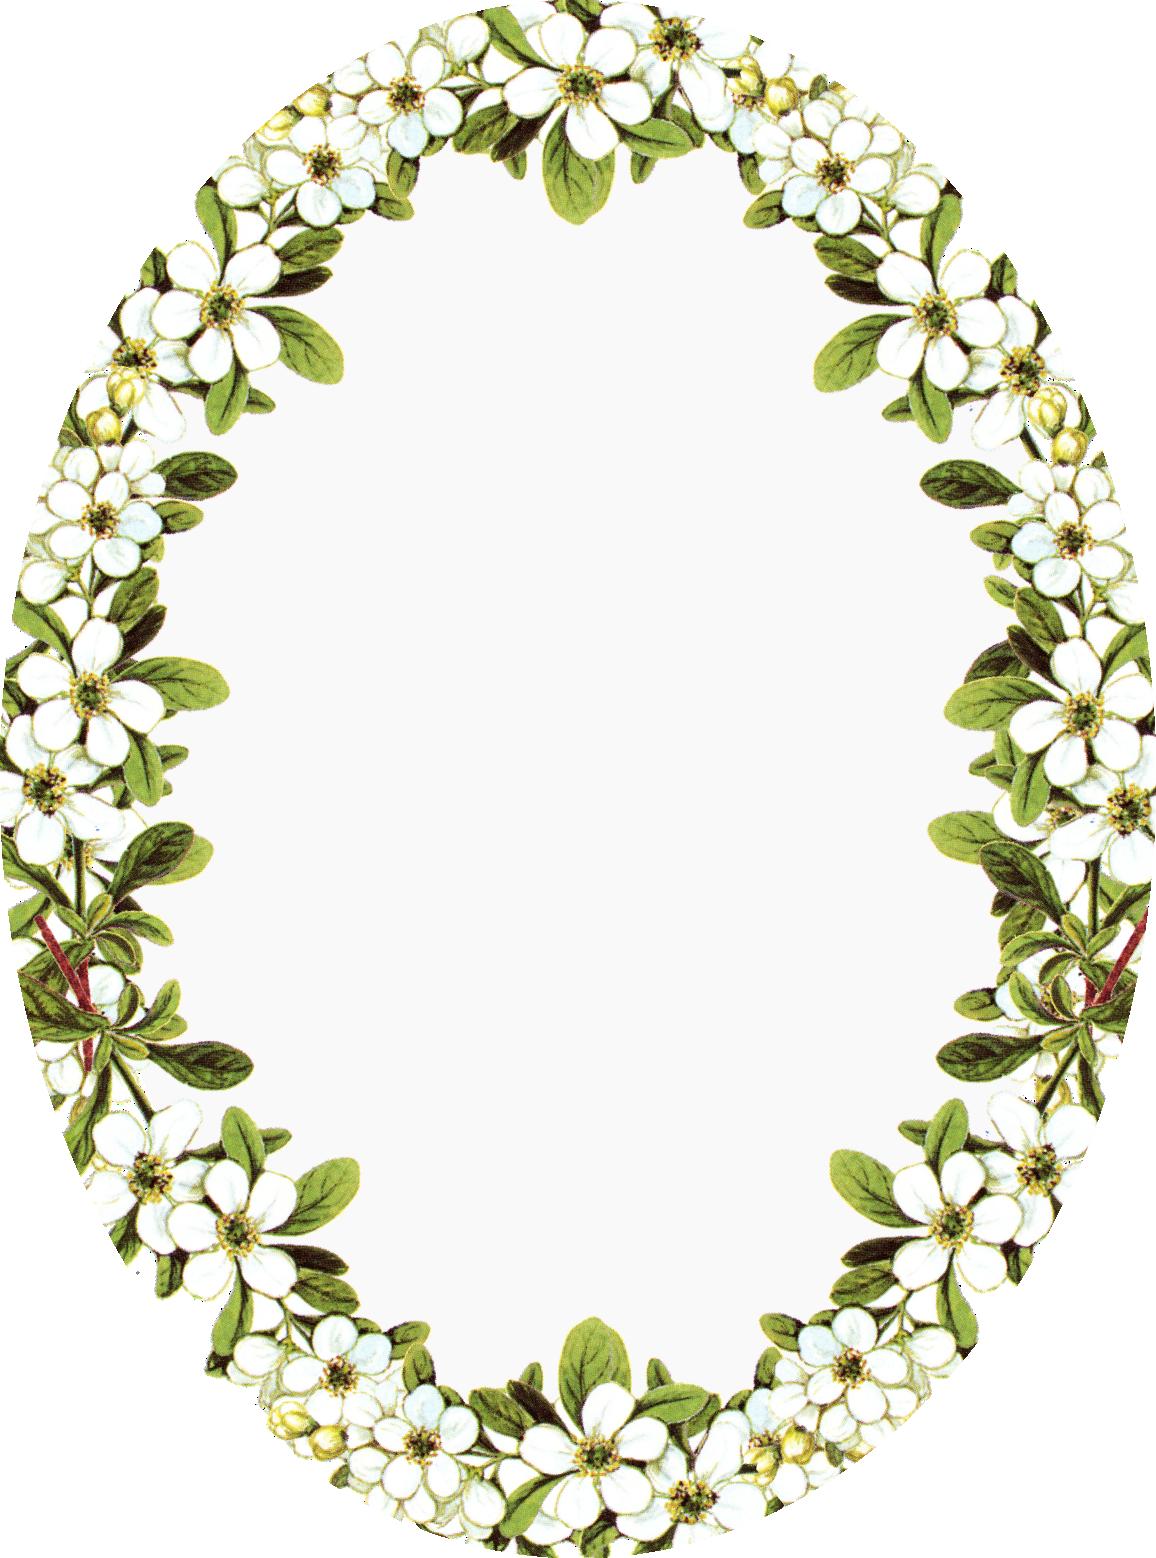 Vintage Frame Clip Art Digital Vintage Flower Frames With Apple Blossoms And Oval Vintage Flower Frame Vintage Picture Frames Flower Frame Png